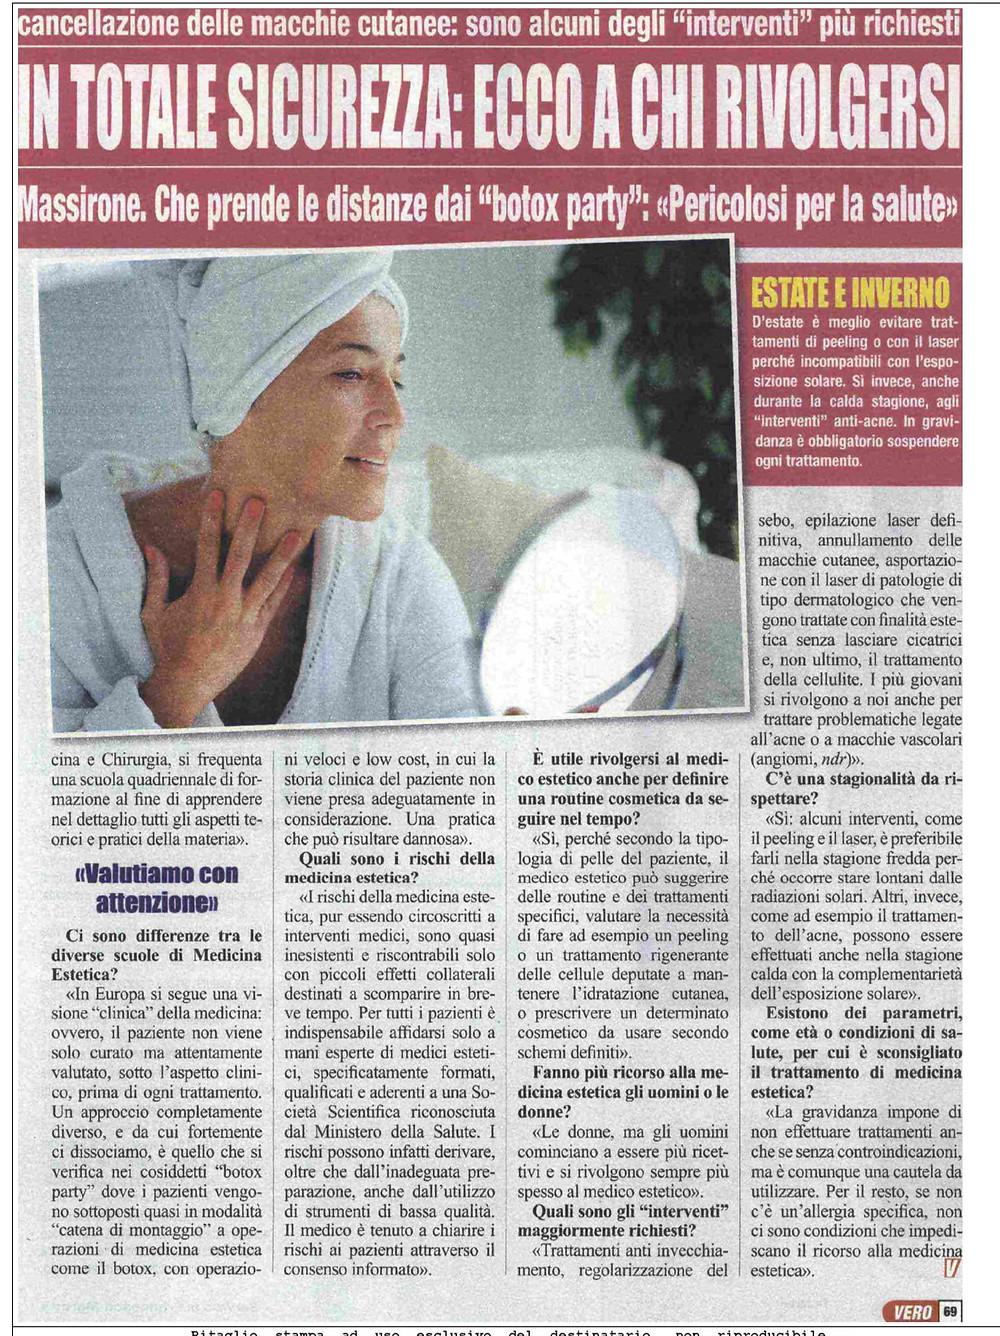 """""""vero"""" intervista il Presidente dalla Scuola e Società Scientifica di Medicina Estetica Agorà di Milano, Prof. Alberto Massirone"""